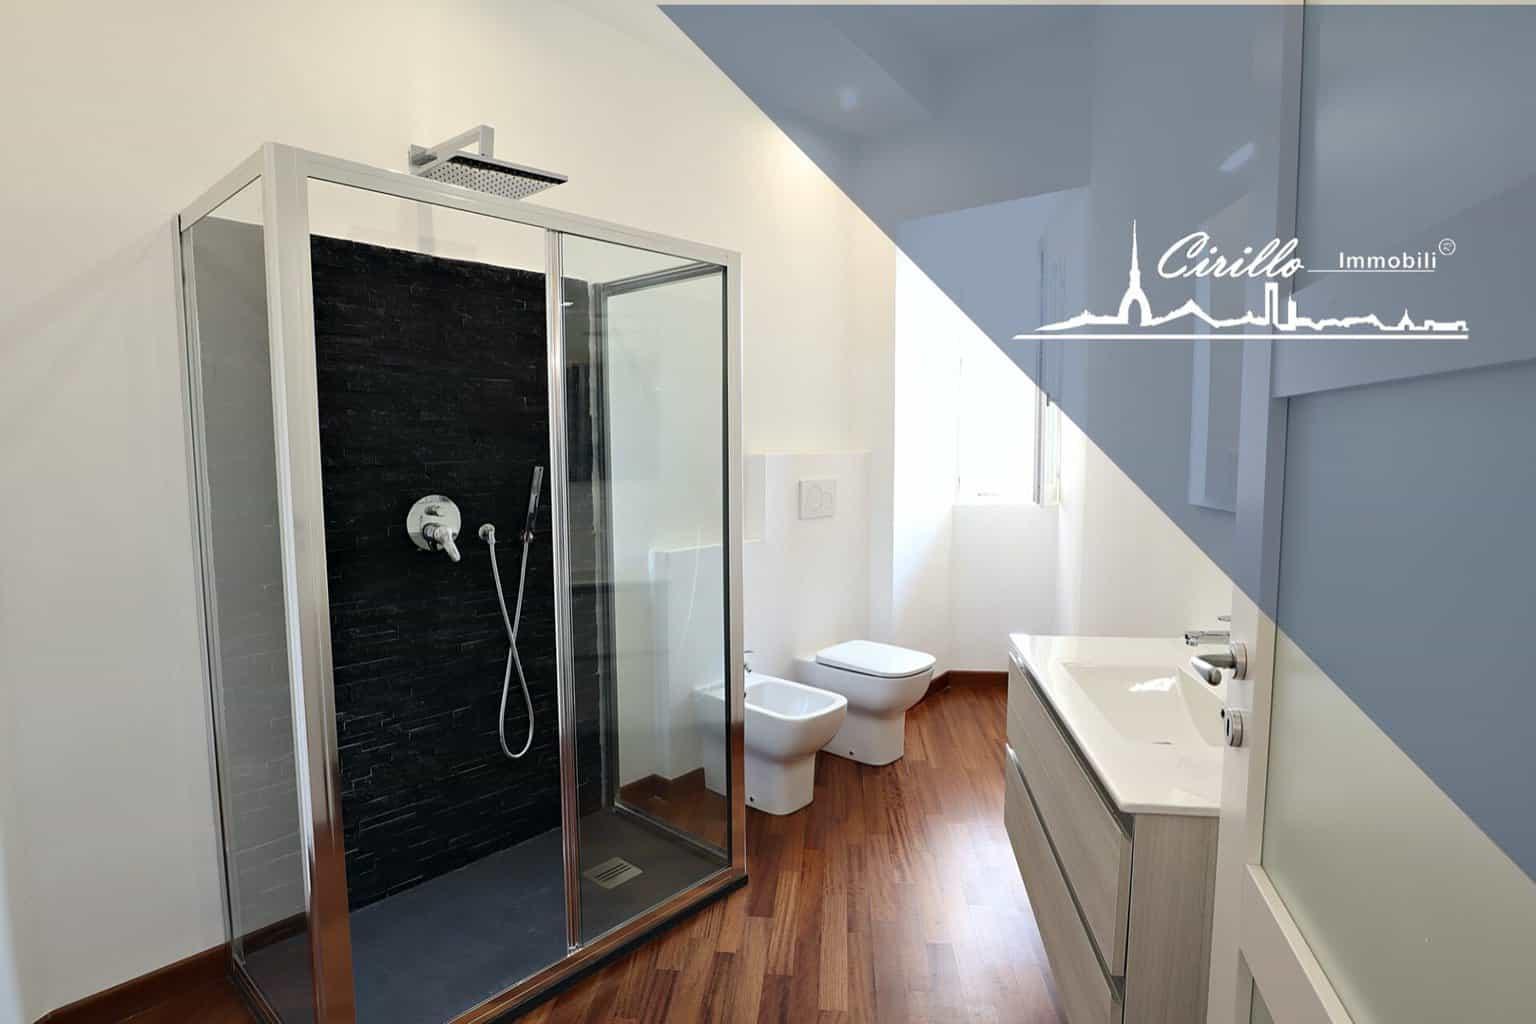 Appartamento via Oropa n.134 – Torino Vanchiglietta